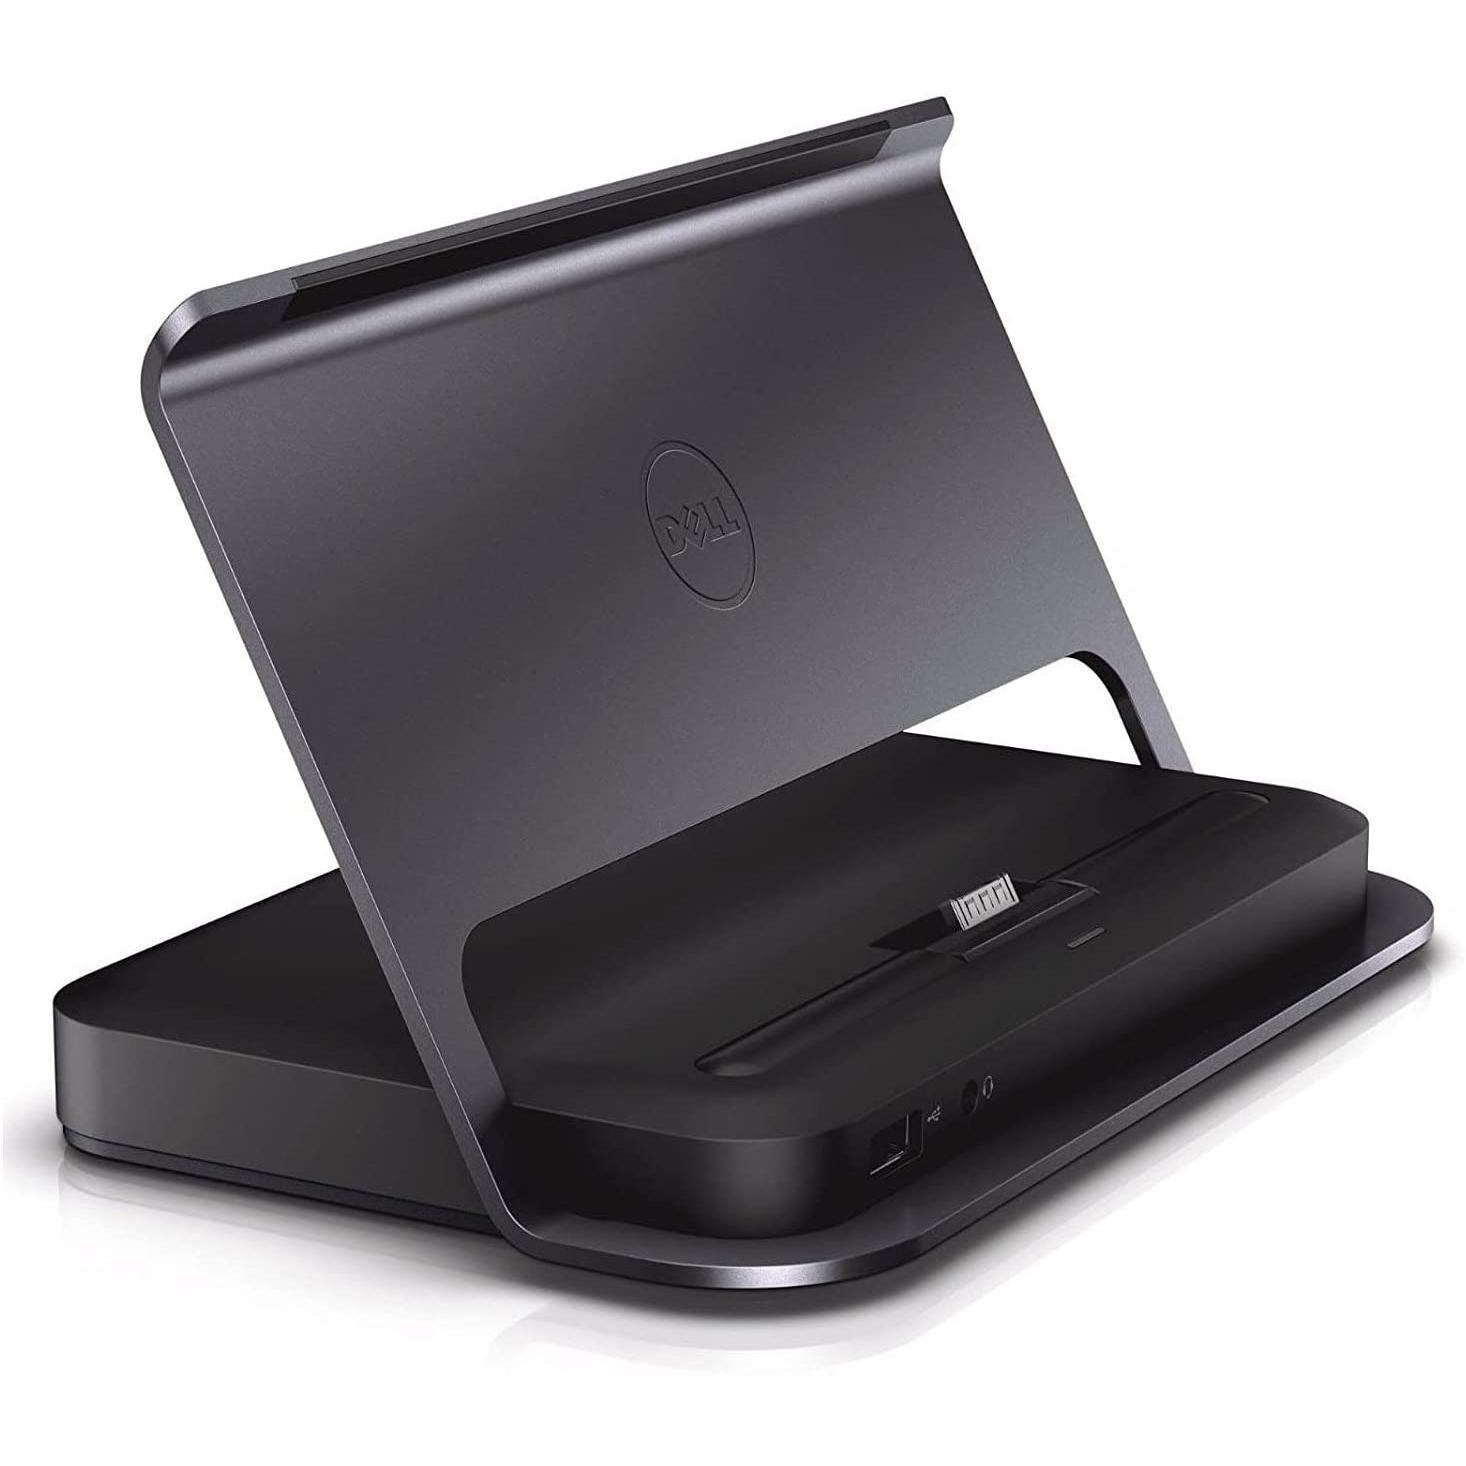 Dell Venue 11 Pro Estaciones de acoplamiento